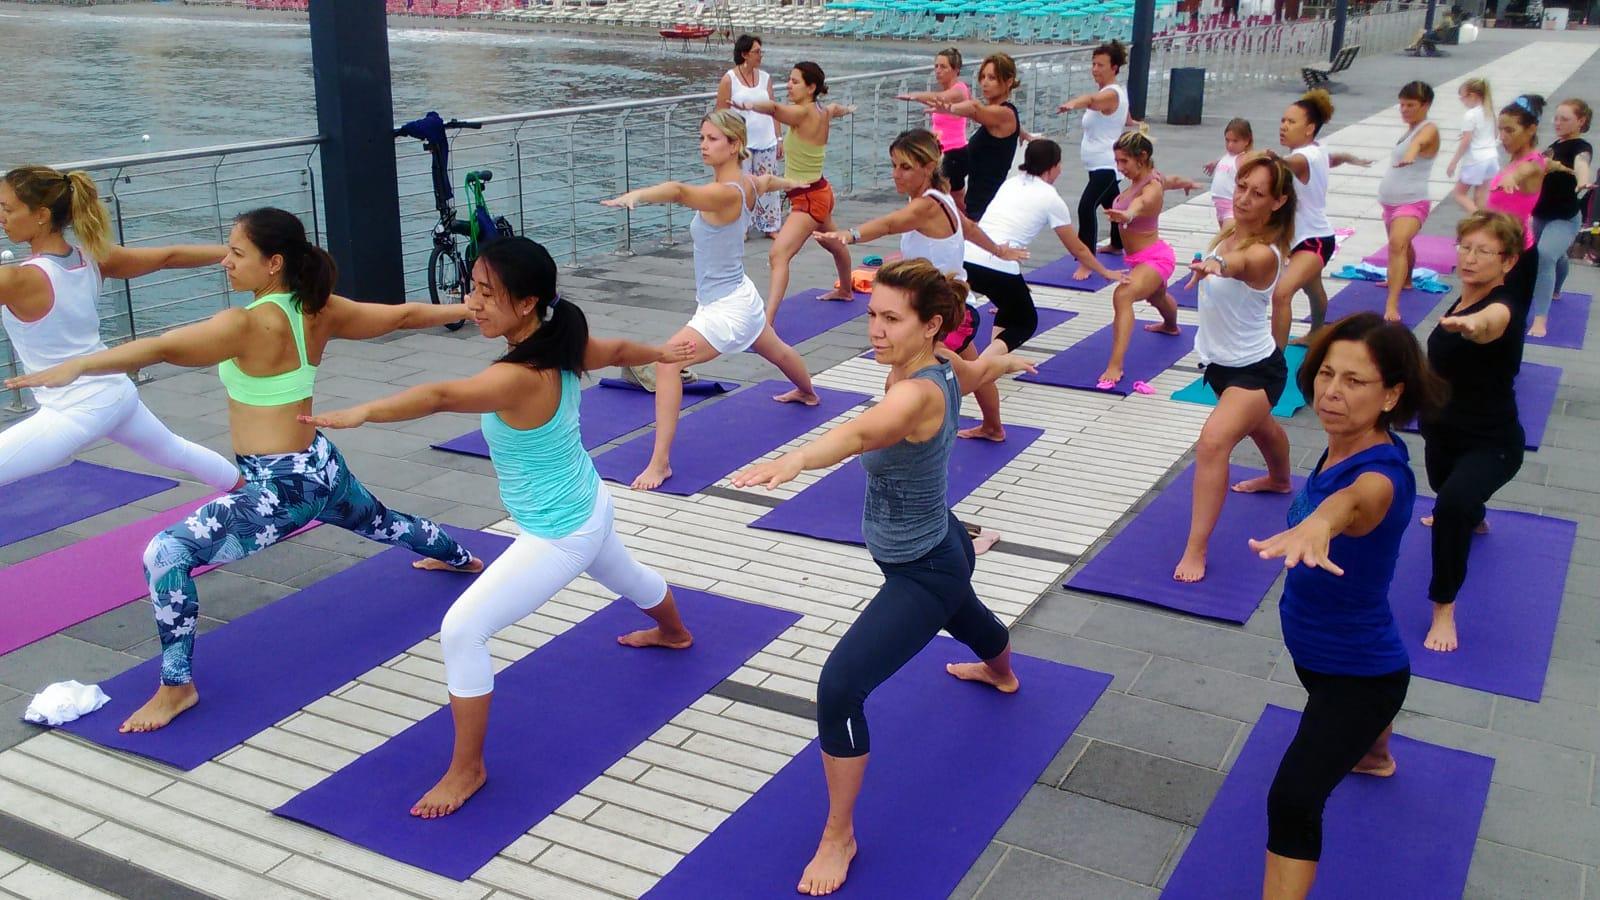 1_essere-free-yoga-gratuito-benessere-per-tutti-village-citta-alassio-estate-lucia-ragazzi-summer-town-wellness-085